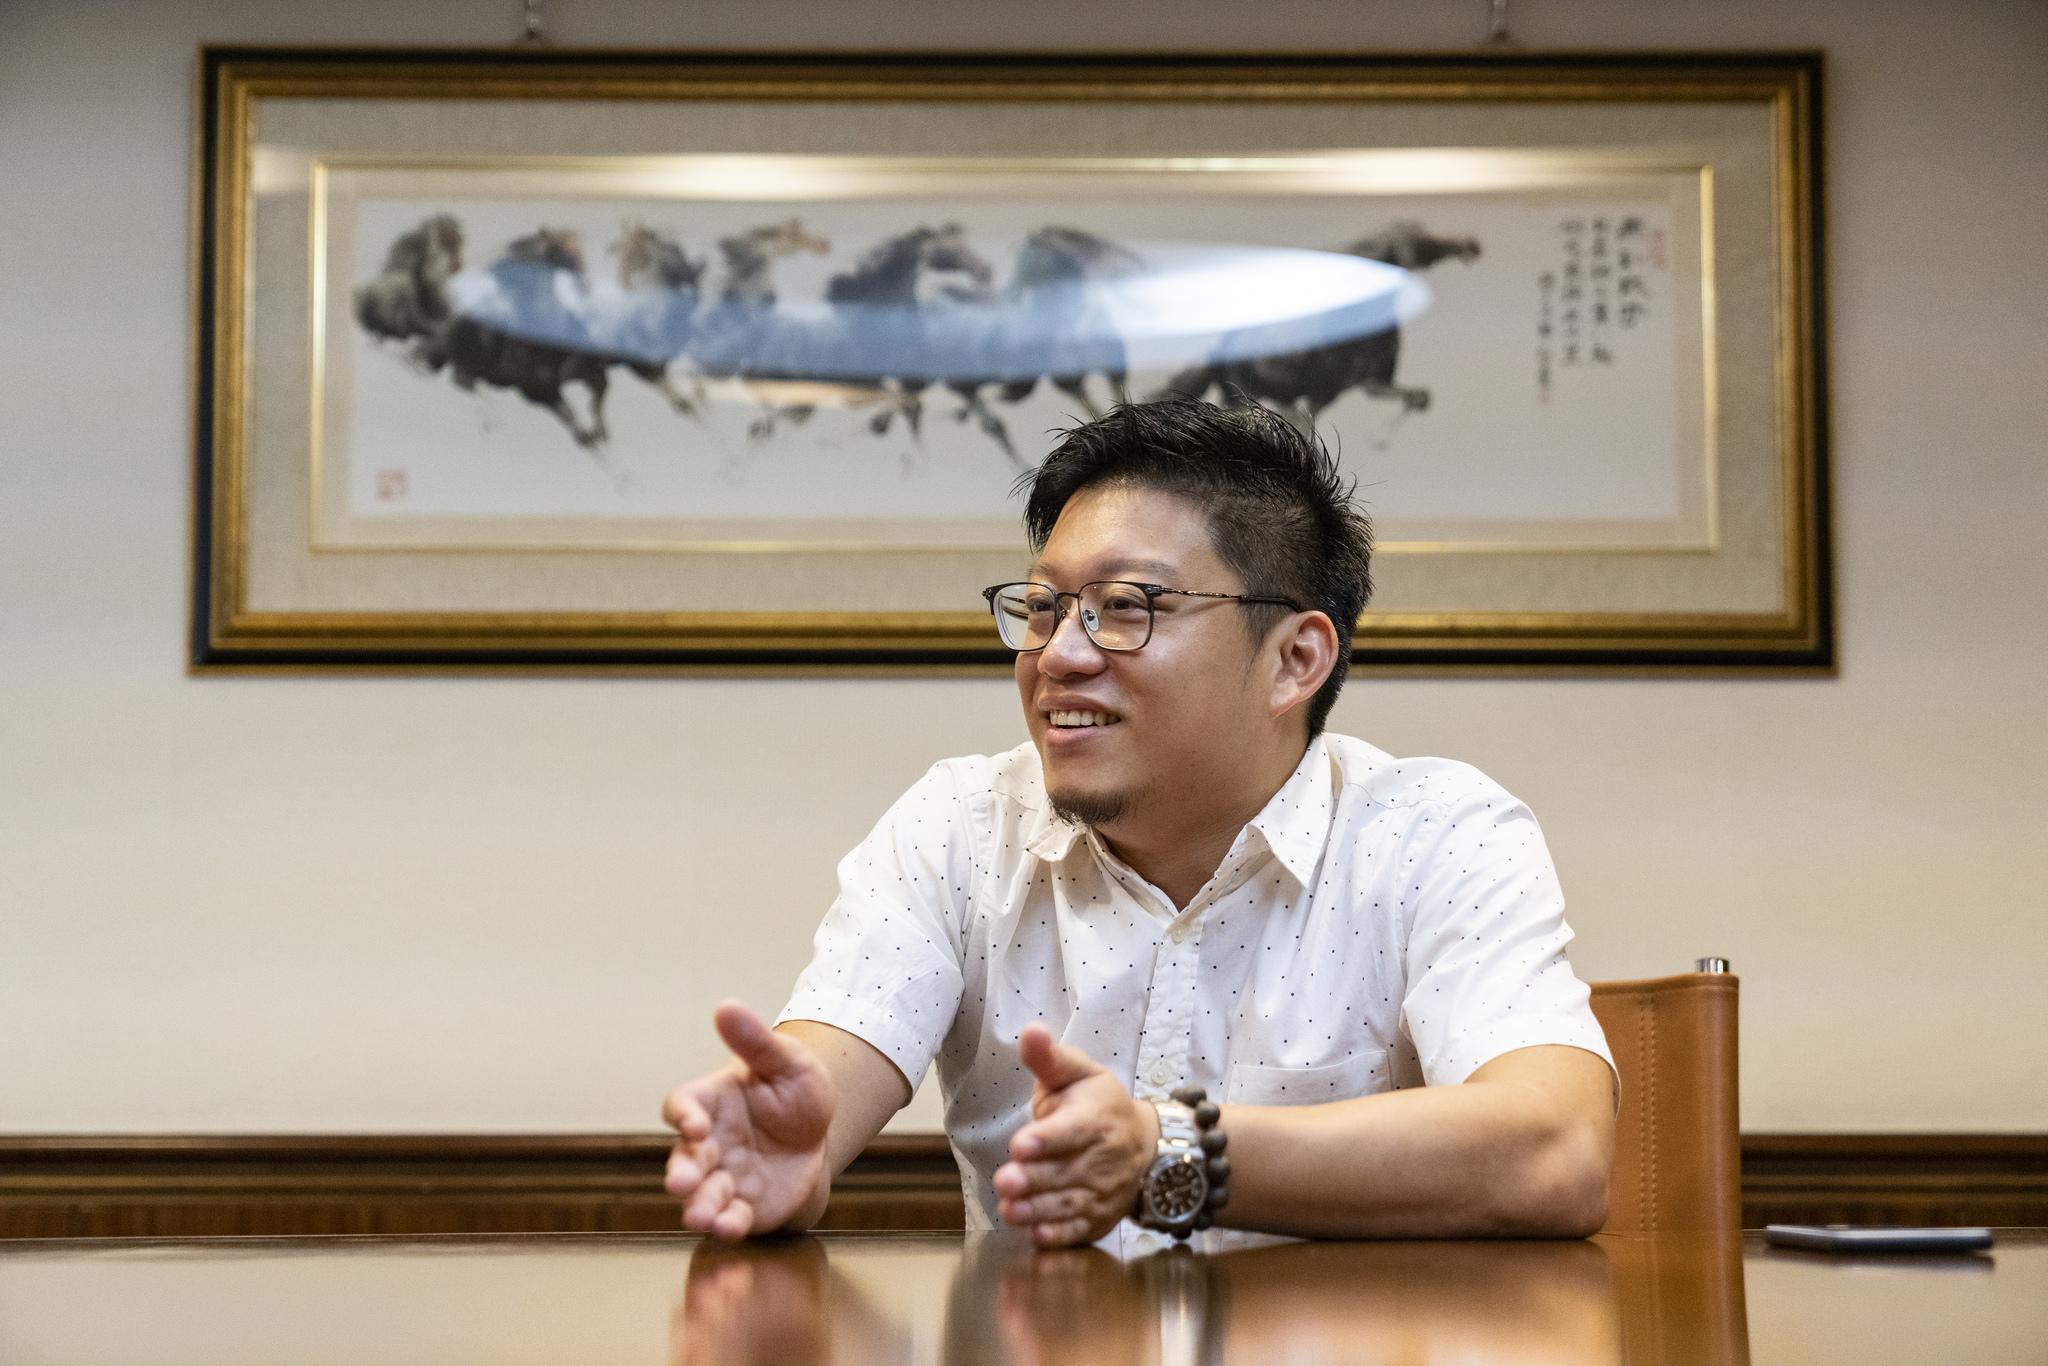 【生活誌專訪】祥圃實業營運長 吳季衡:「先認同自己,再讓世界看見台灣」